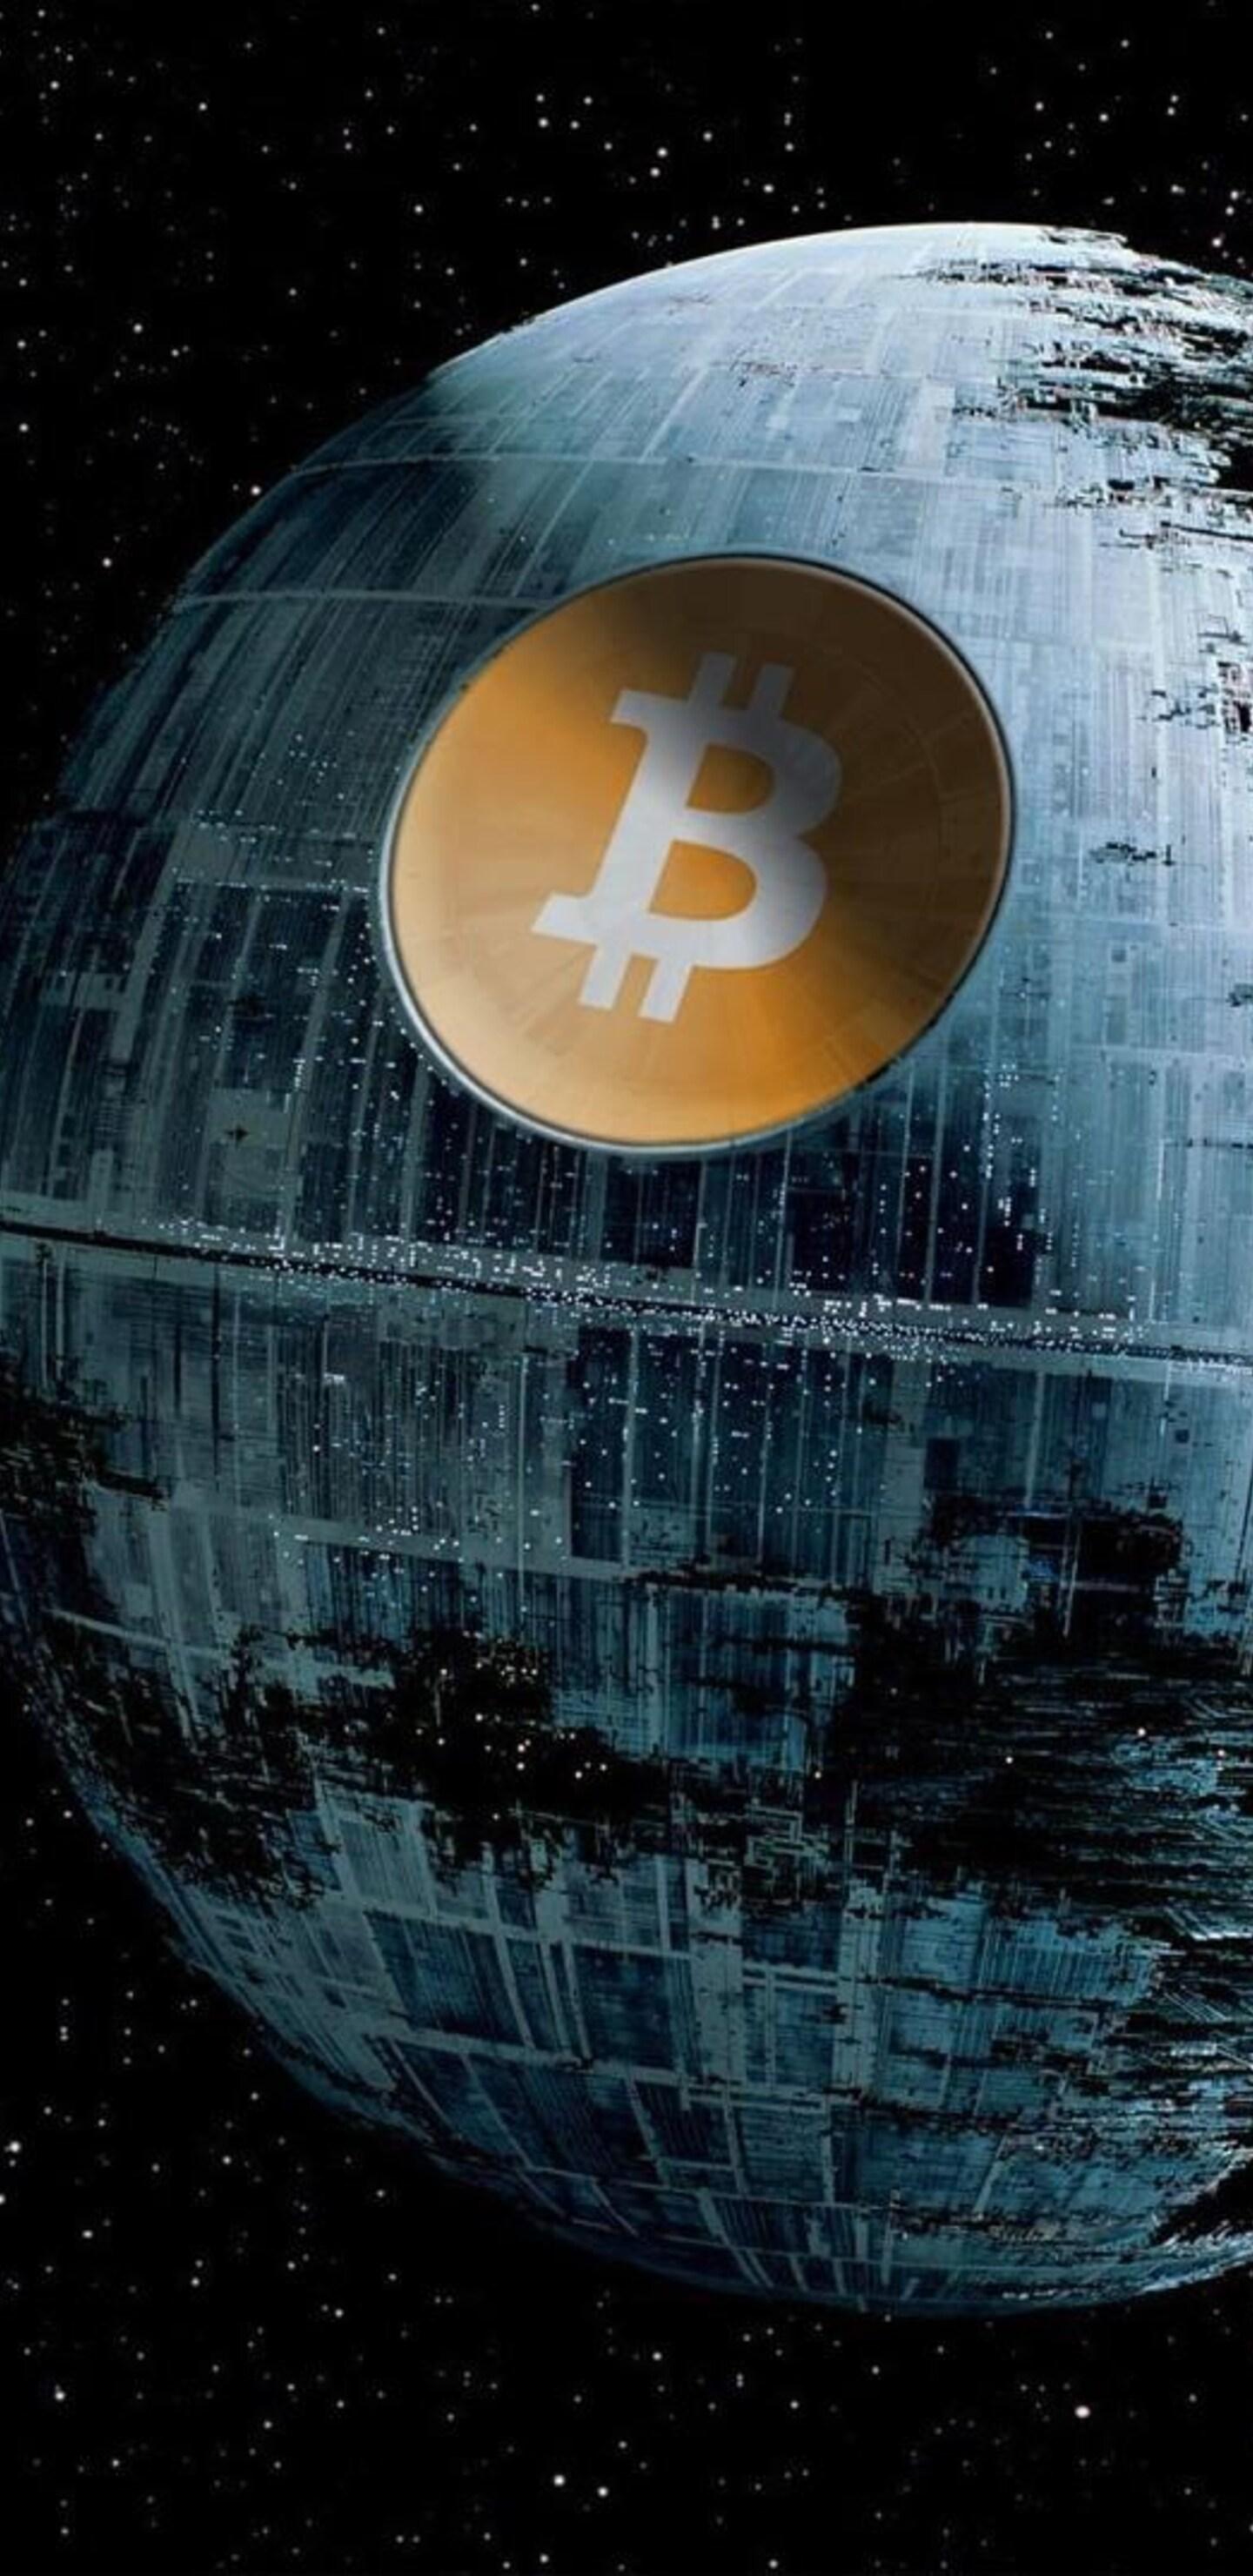 bitcoin-hd.jpg